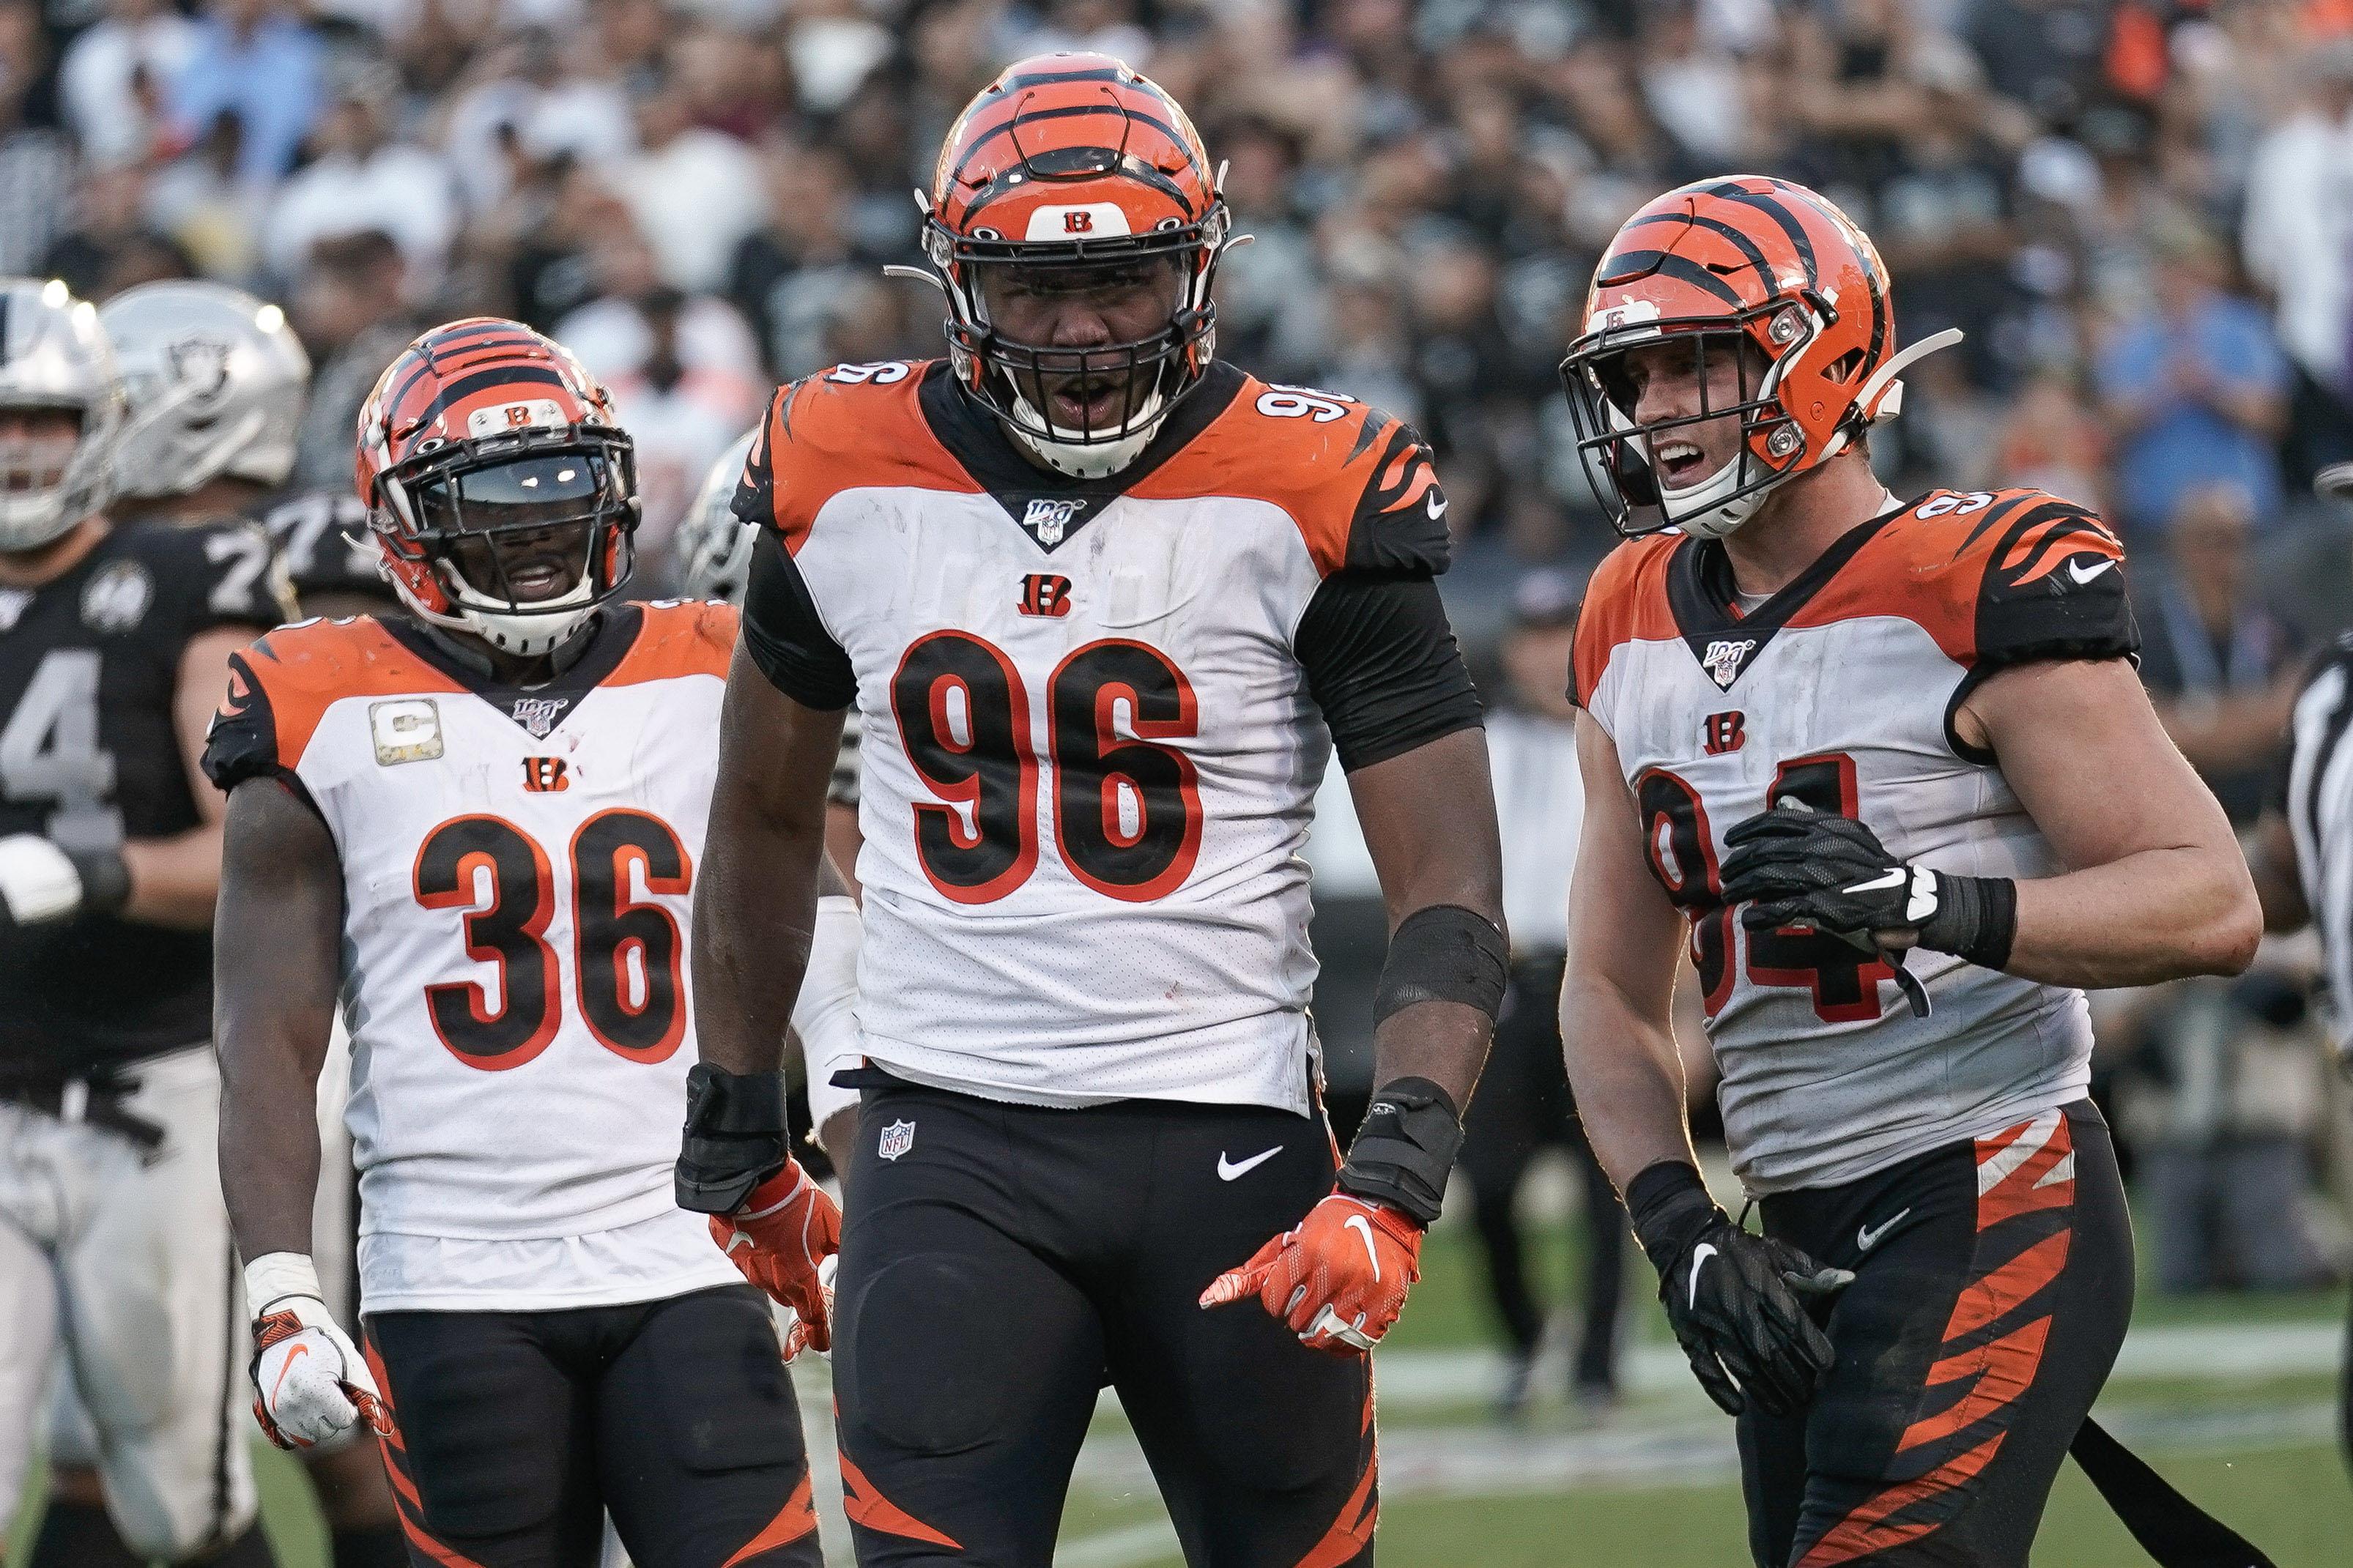 NFL: Cincinnati Bengals at Oakland Raiders